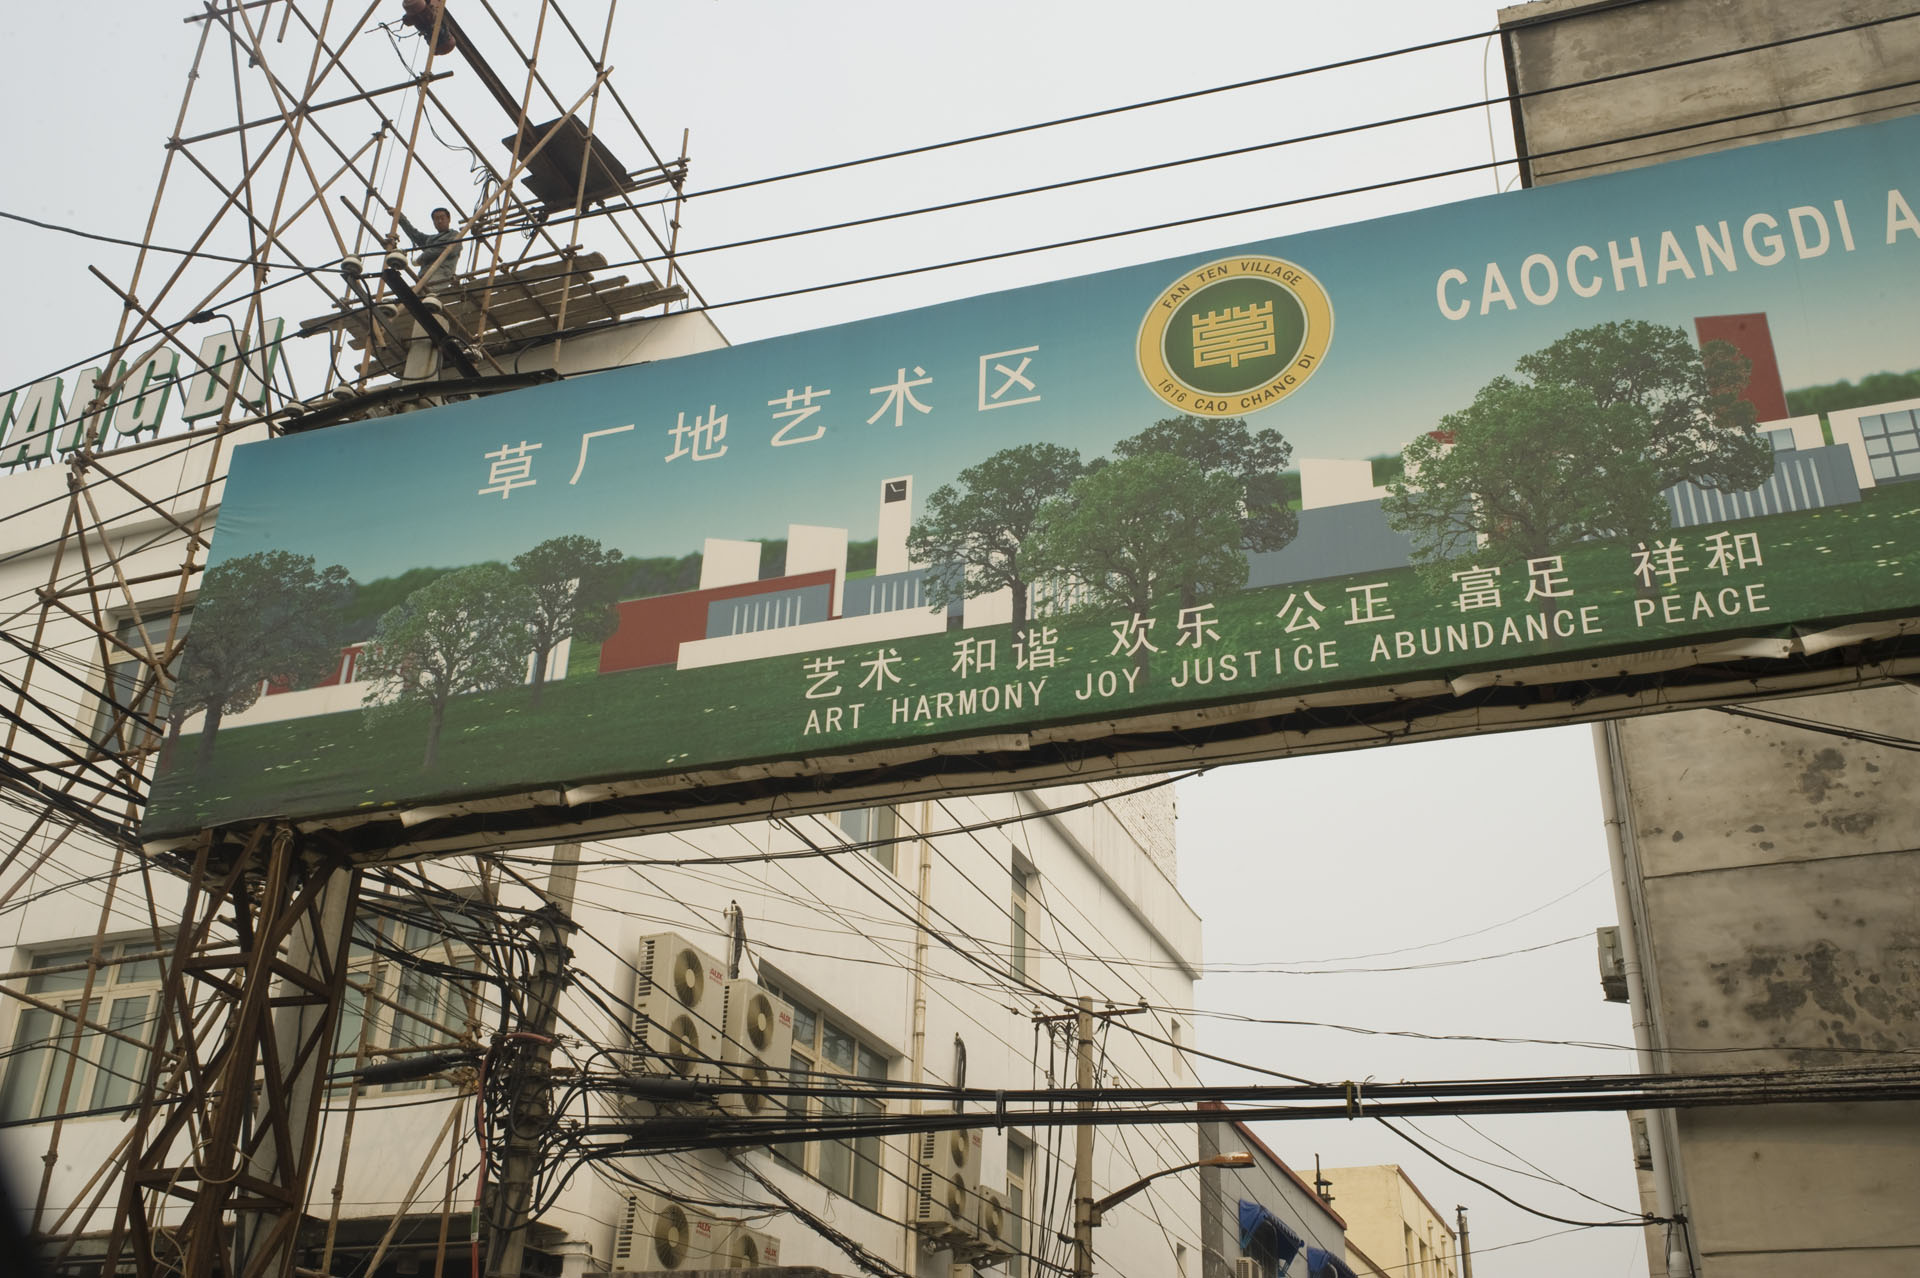 Caochangdi